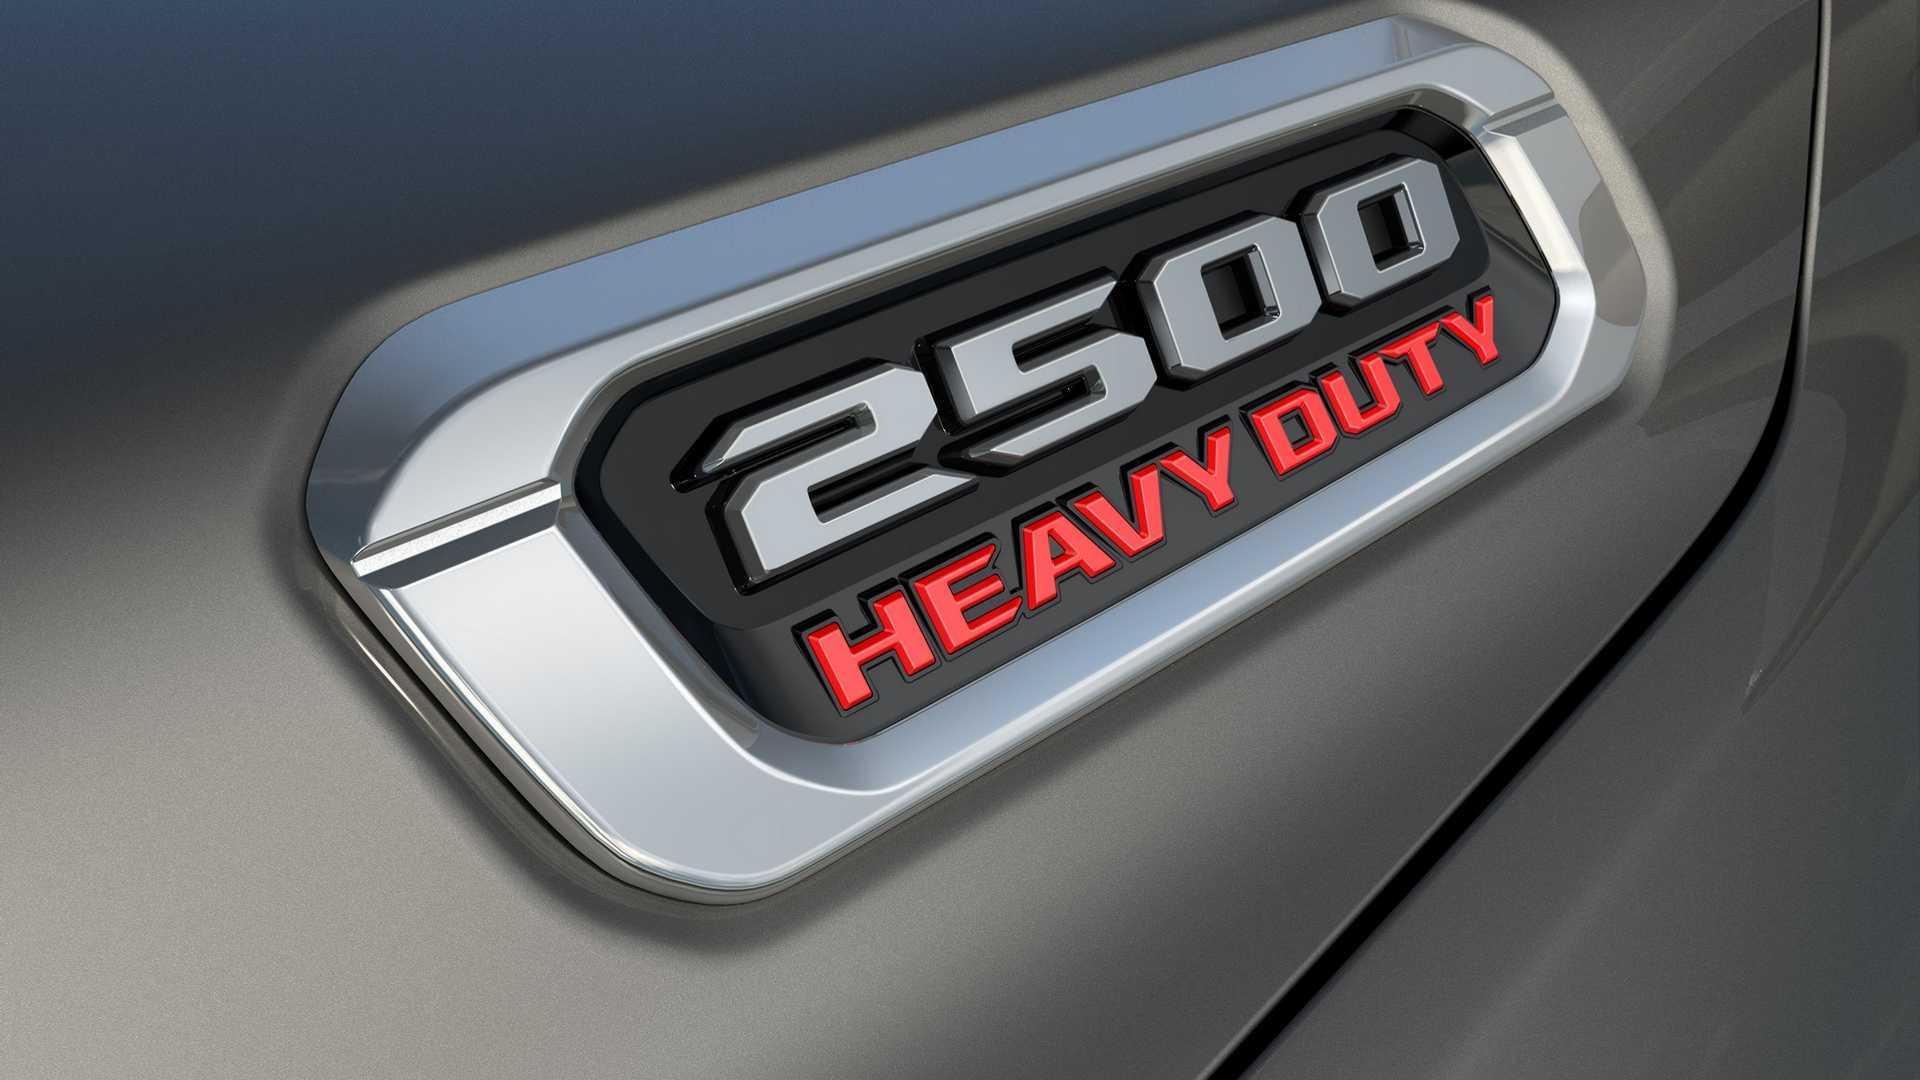 2019-ram-heavy-duty-exterior (15)